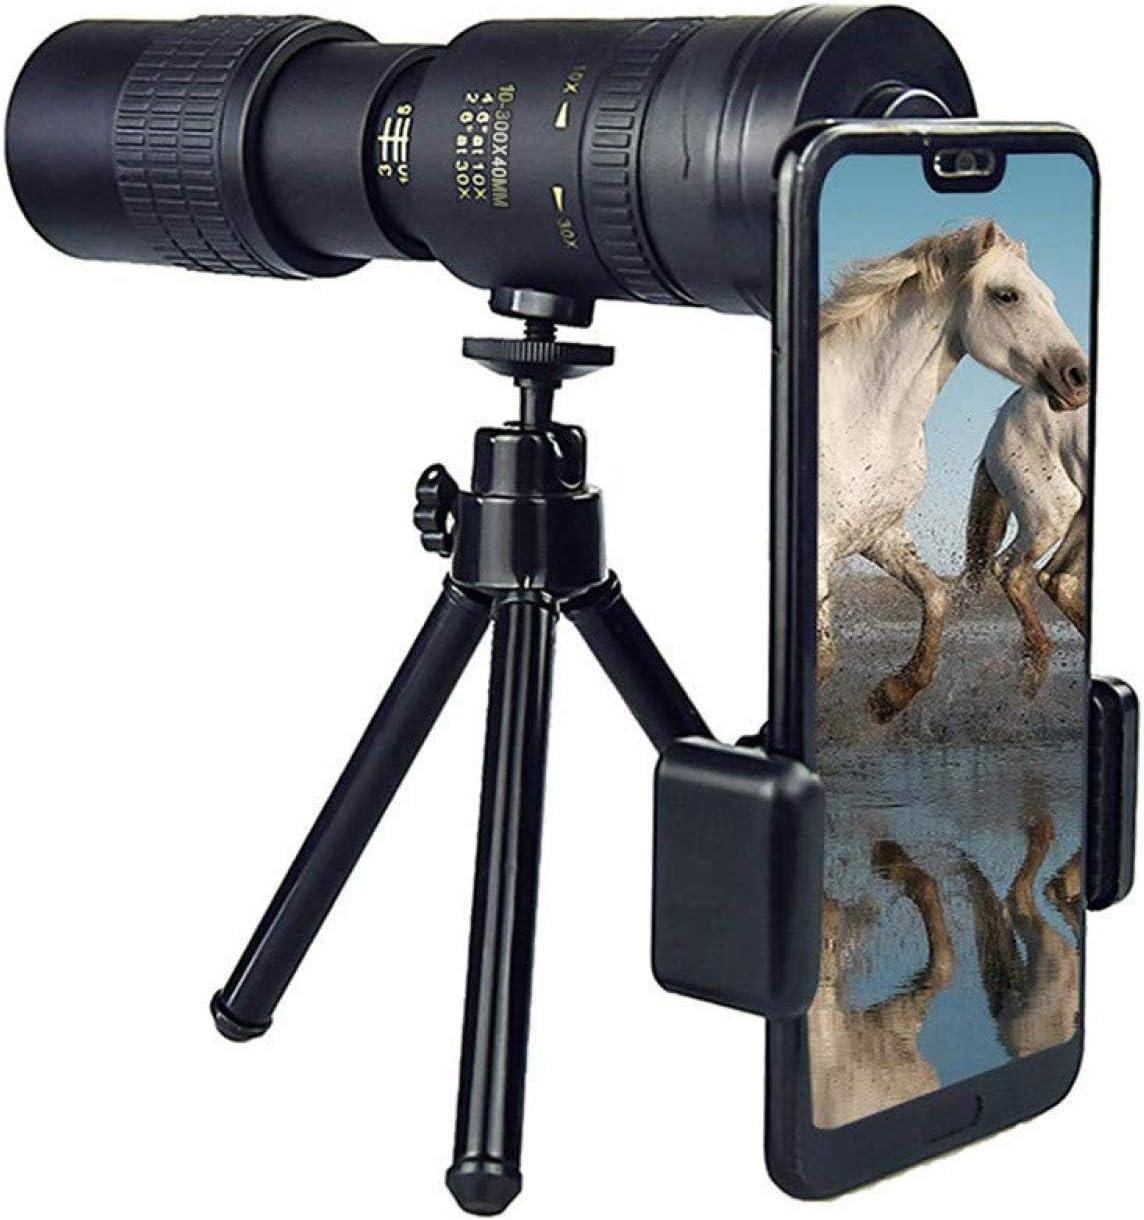 observaci/ón de aves partidos de f/útbol 4K 10-300X40mm Super Teleobjetivo Zoom Telescopio monocular con soporte para tel/éfono inteligente Tr/ípode para viajes Telescopios monoculares conciertos